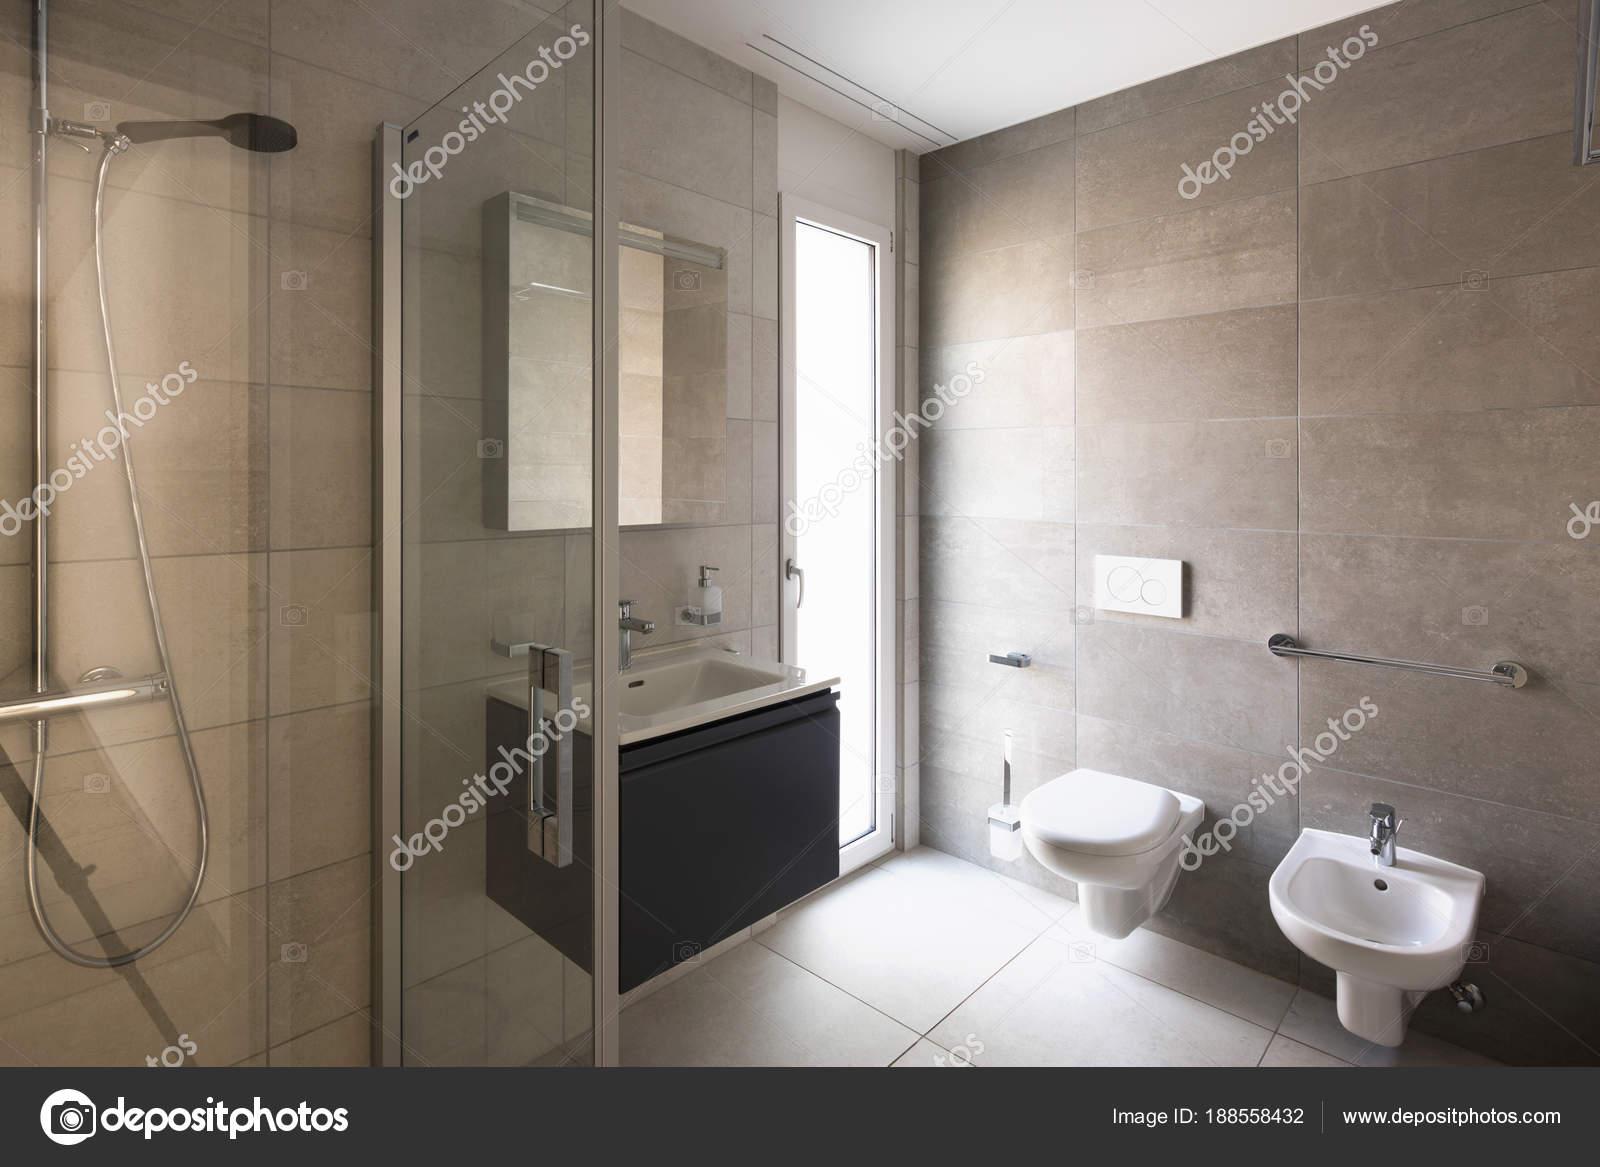 Badkamer Met Marmer : Moderne badkamer met marmer in een modern appartement u2014 stockfoto